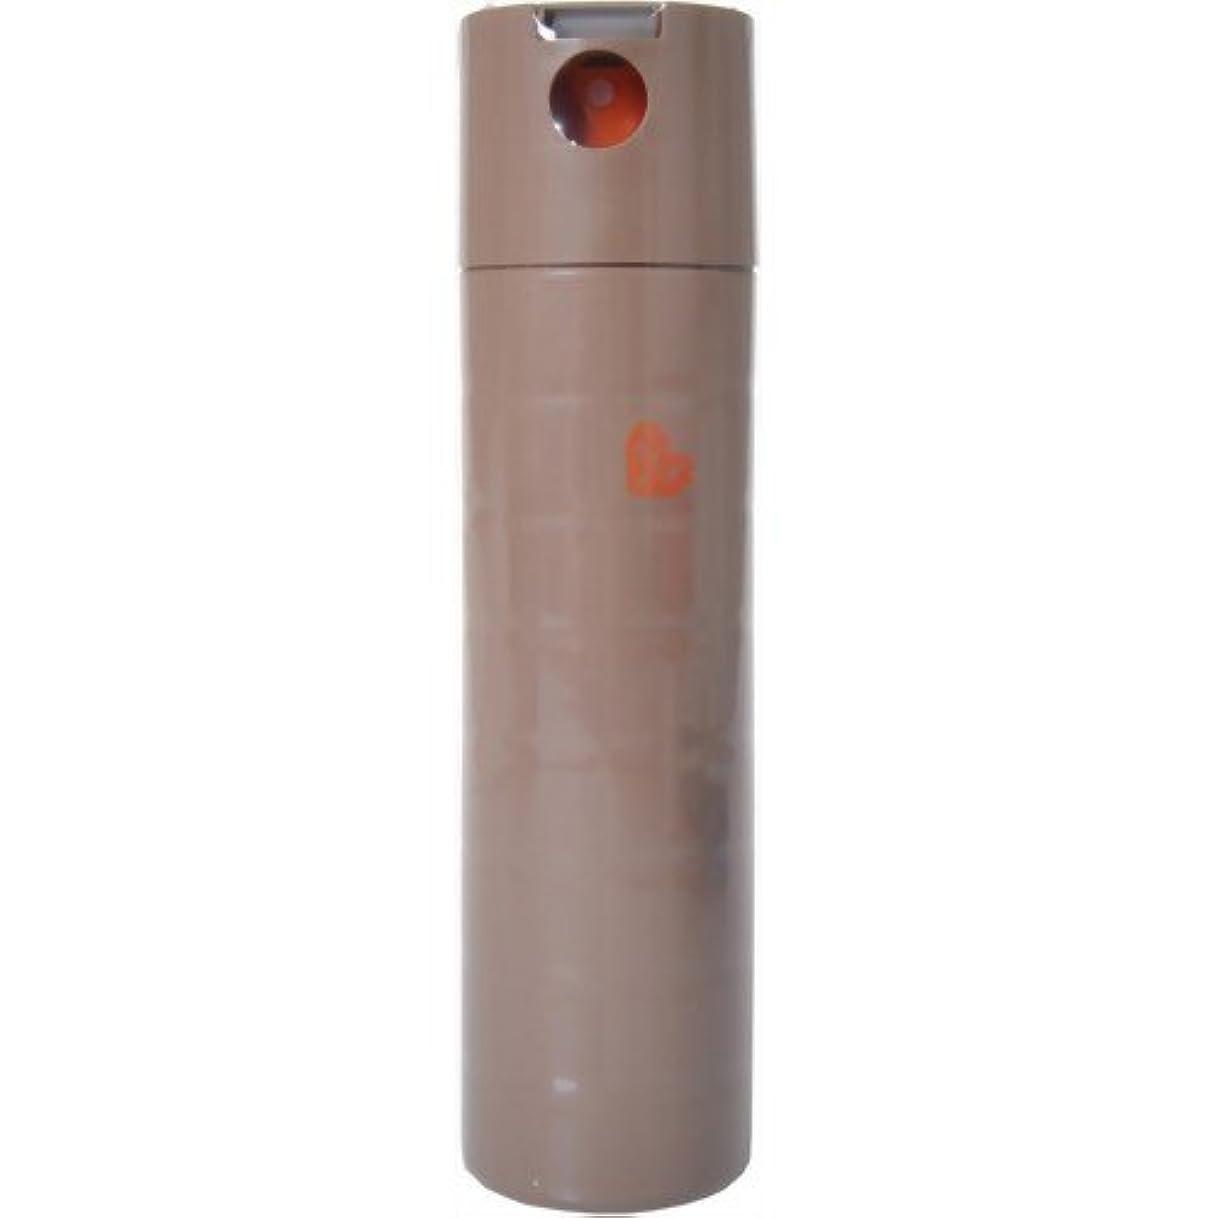 助言魅惑する反応するアリミノ ピース ワックススプレー カフェオレ 143g (200mL)